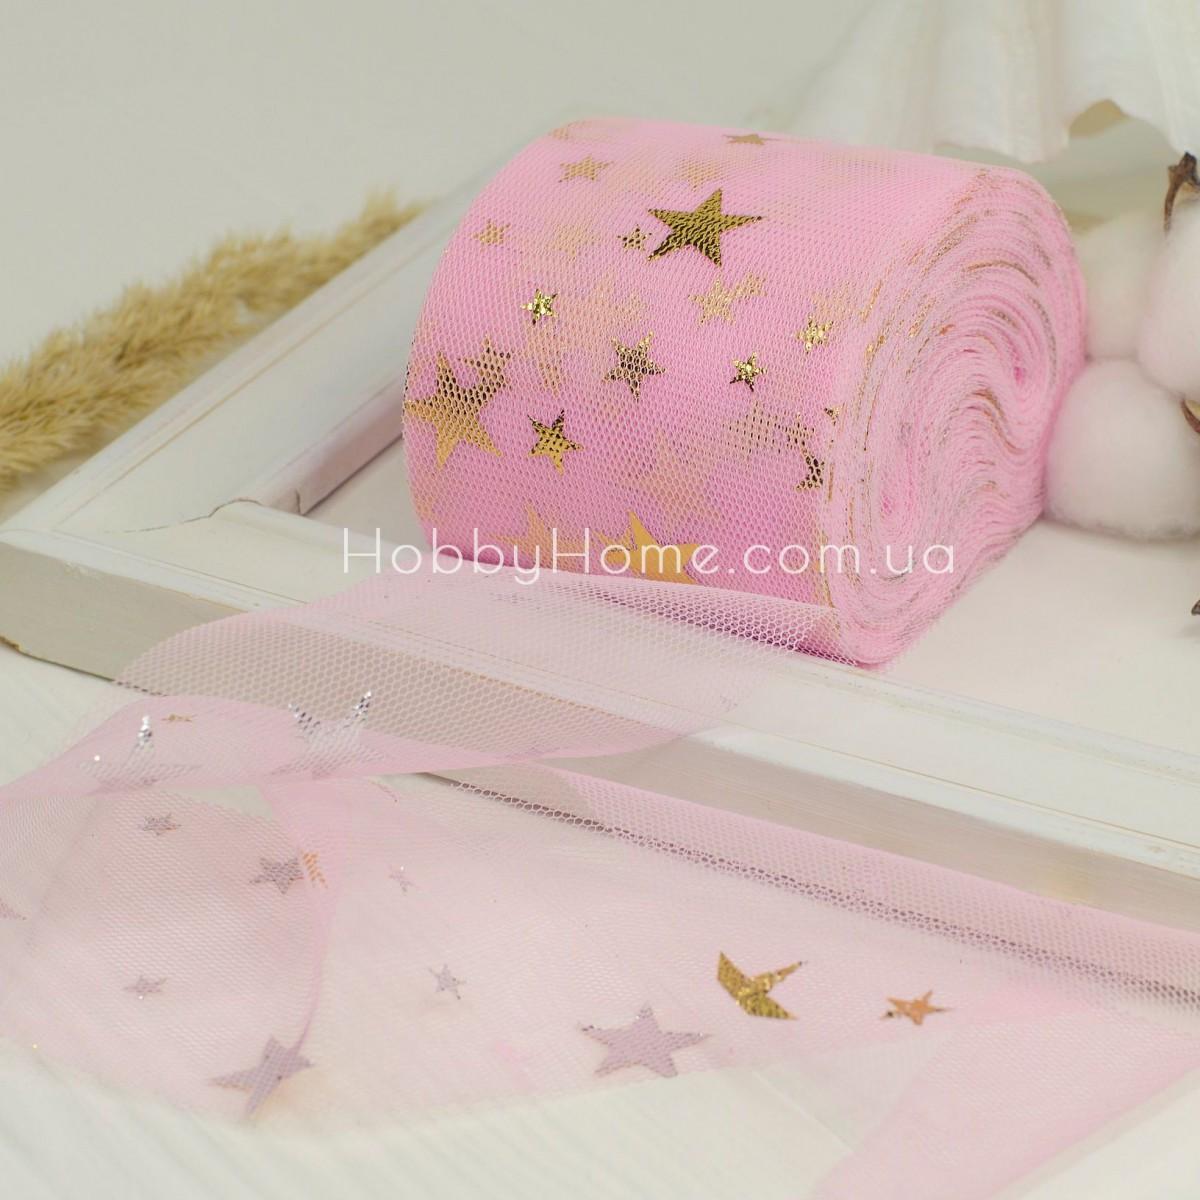 Фатин м'який з золотими зірками 6см , ніжно рожевий